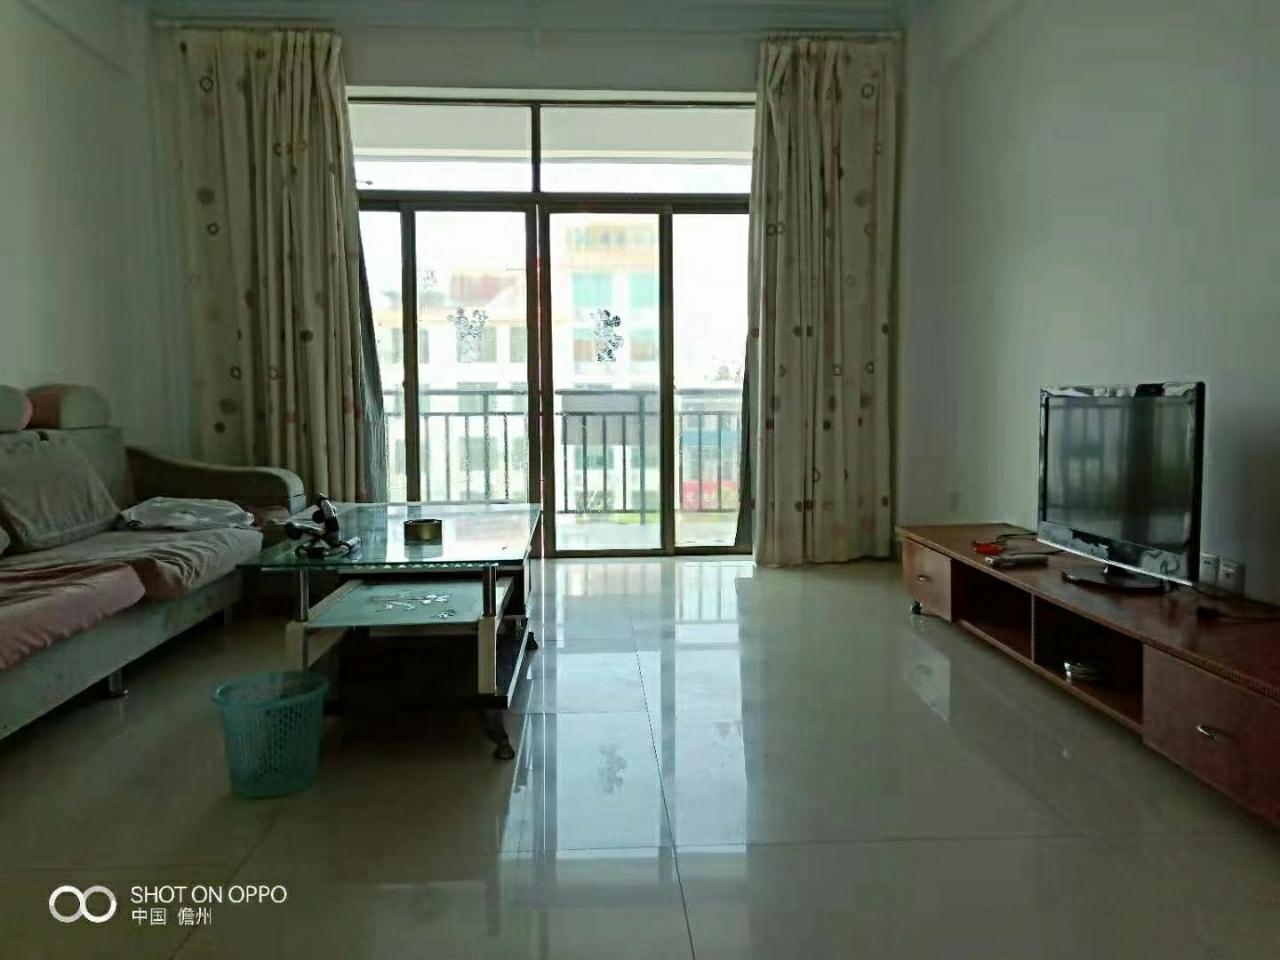 泰安苑3室 2厅 2卫白菜价65万